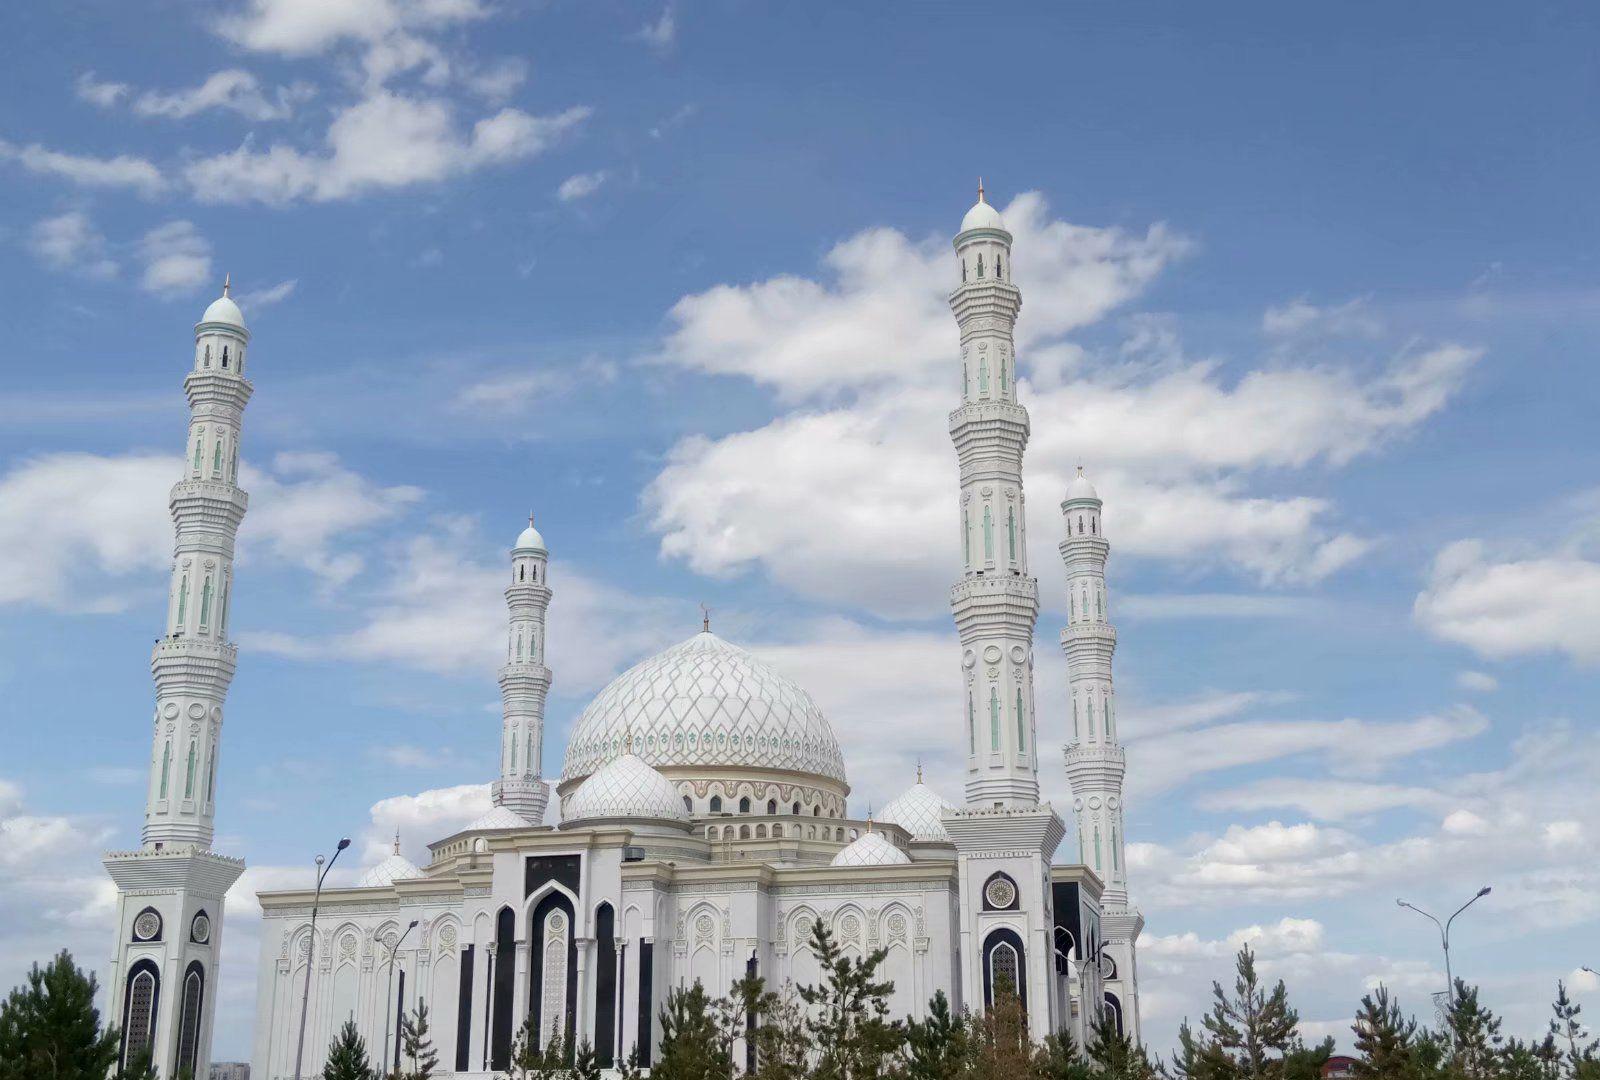 国内博物馆看够了?看看国外的博物馆吧,哈萨克斯坦国家博物馆